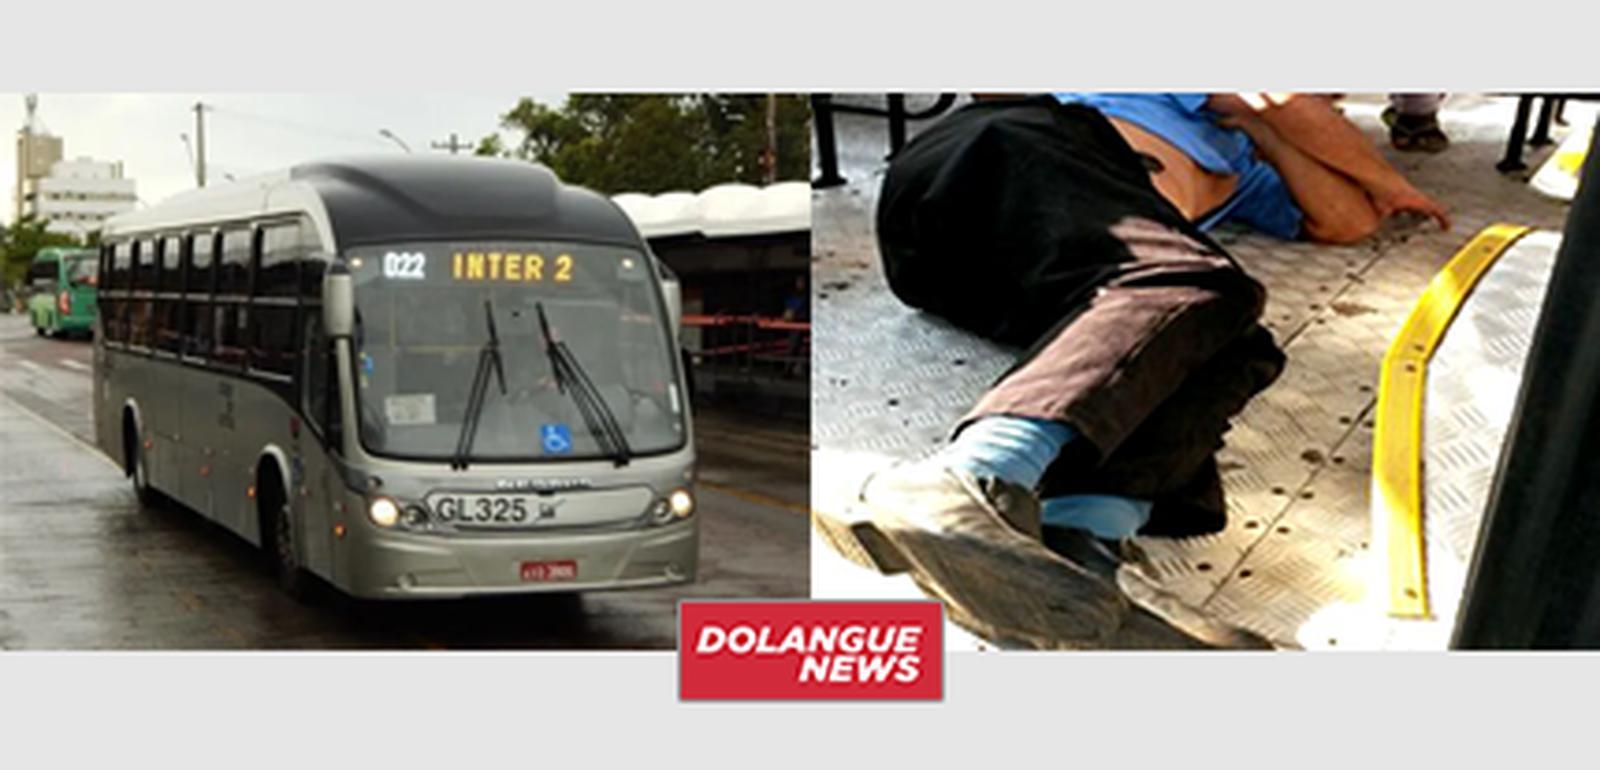 Homem desmaia ao pegar Inter 2 vazio em Curitiba